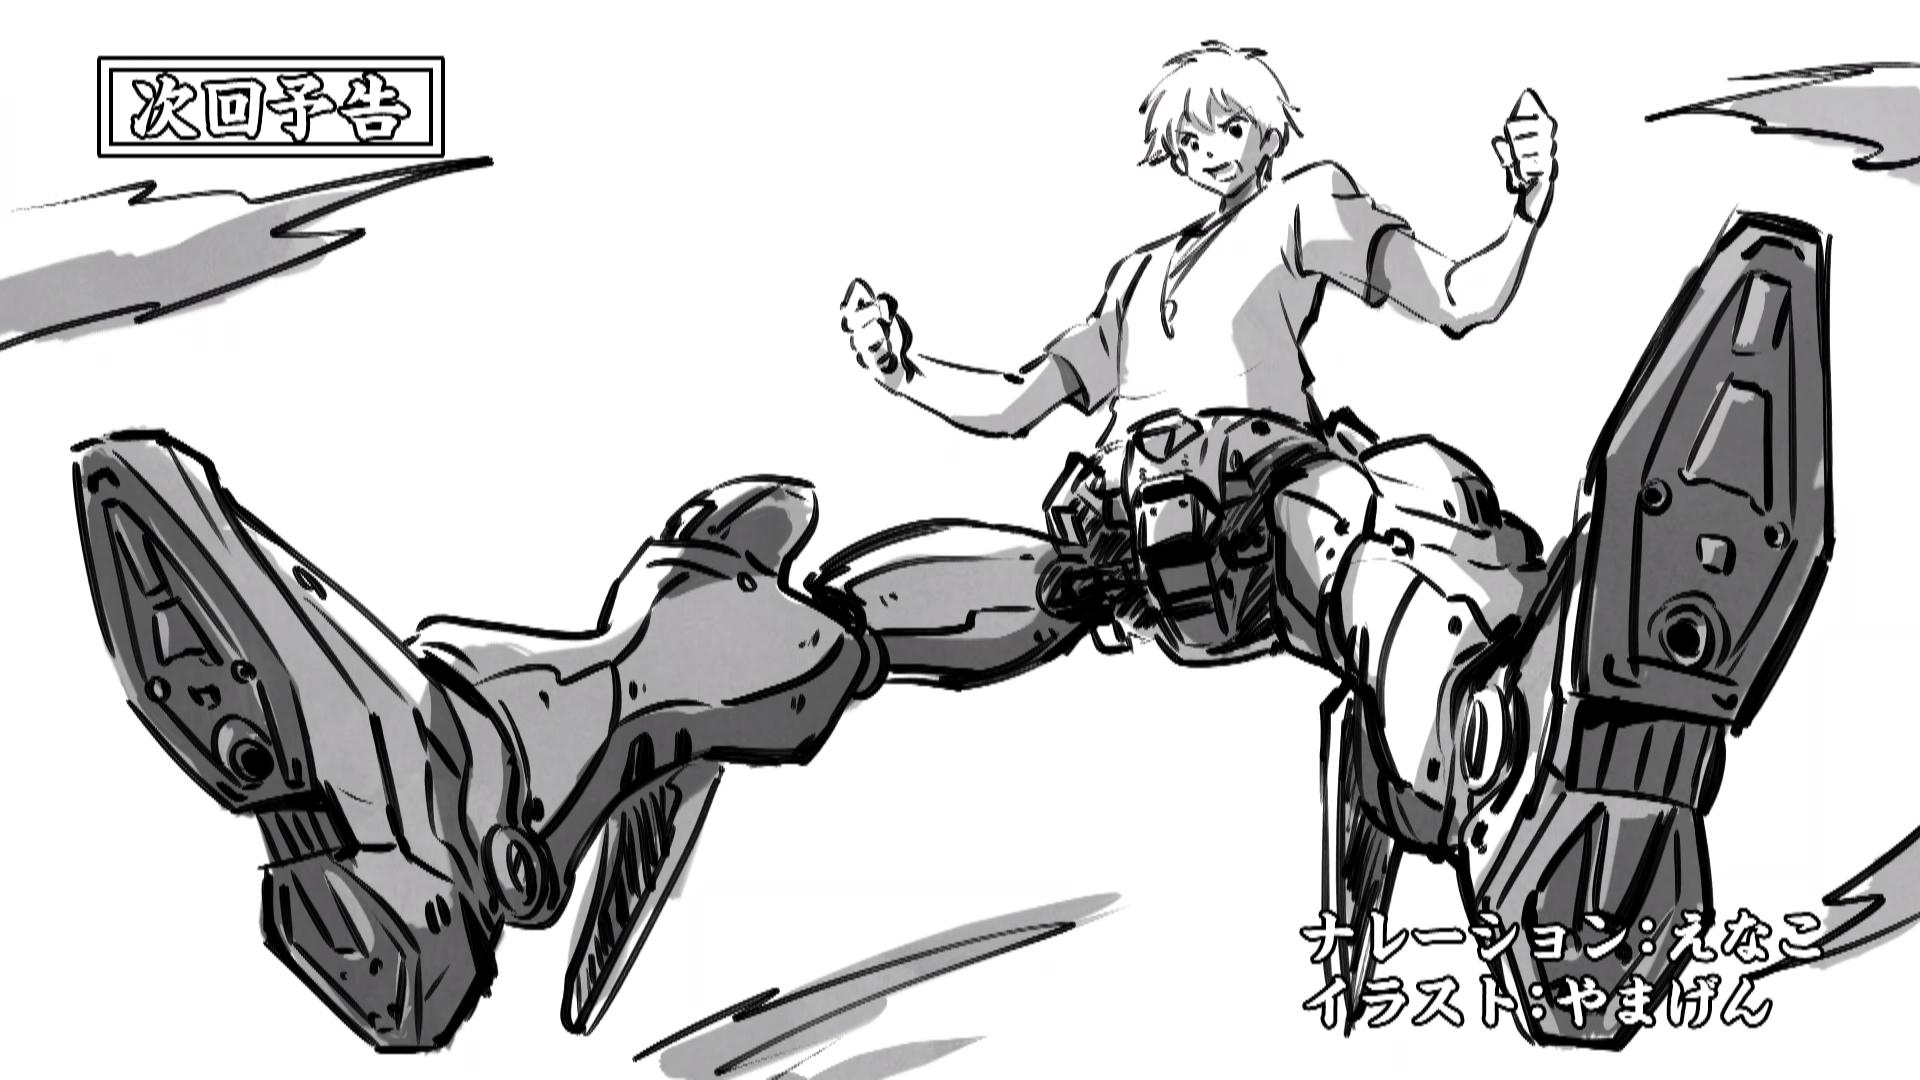 Armor Shop for Ladies & Gentlemen S2 Episode 05 Endcard Yamagen